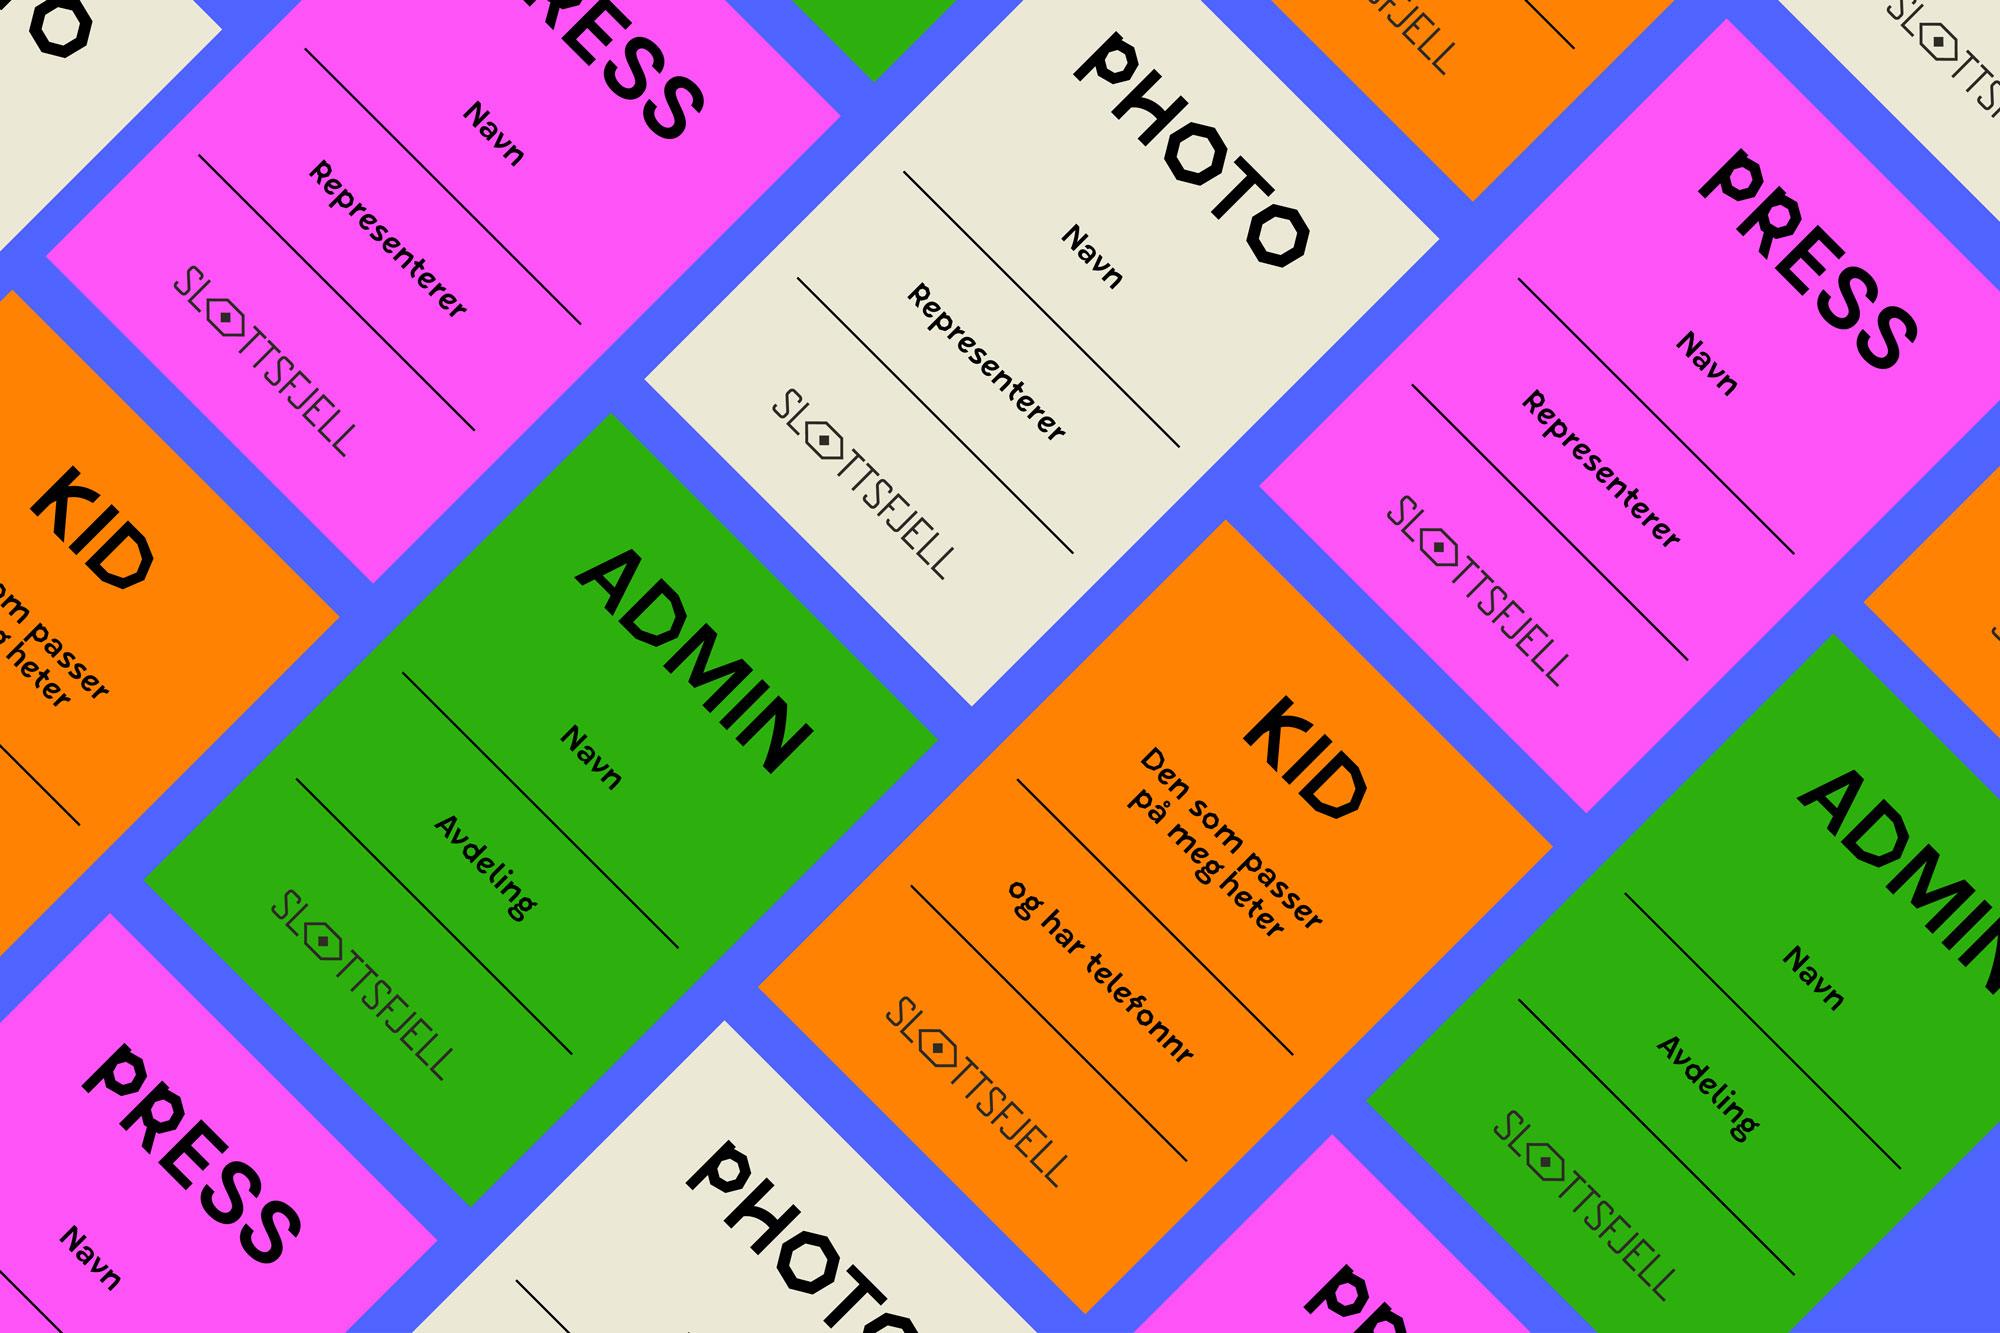 Slottsfjell_Accreditation_Cards.jpg